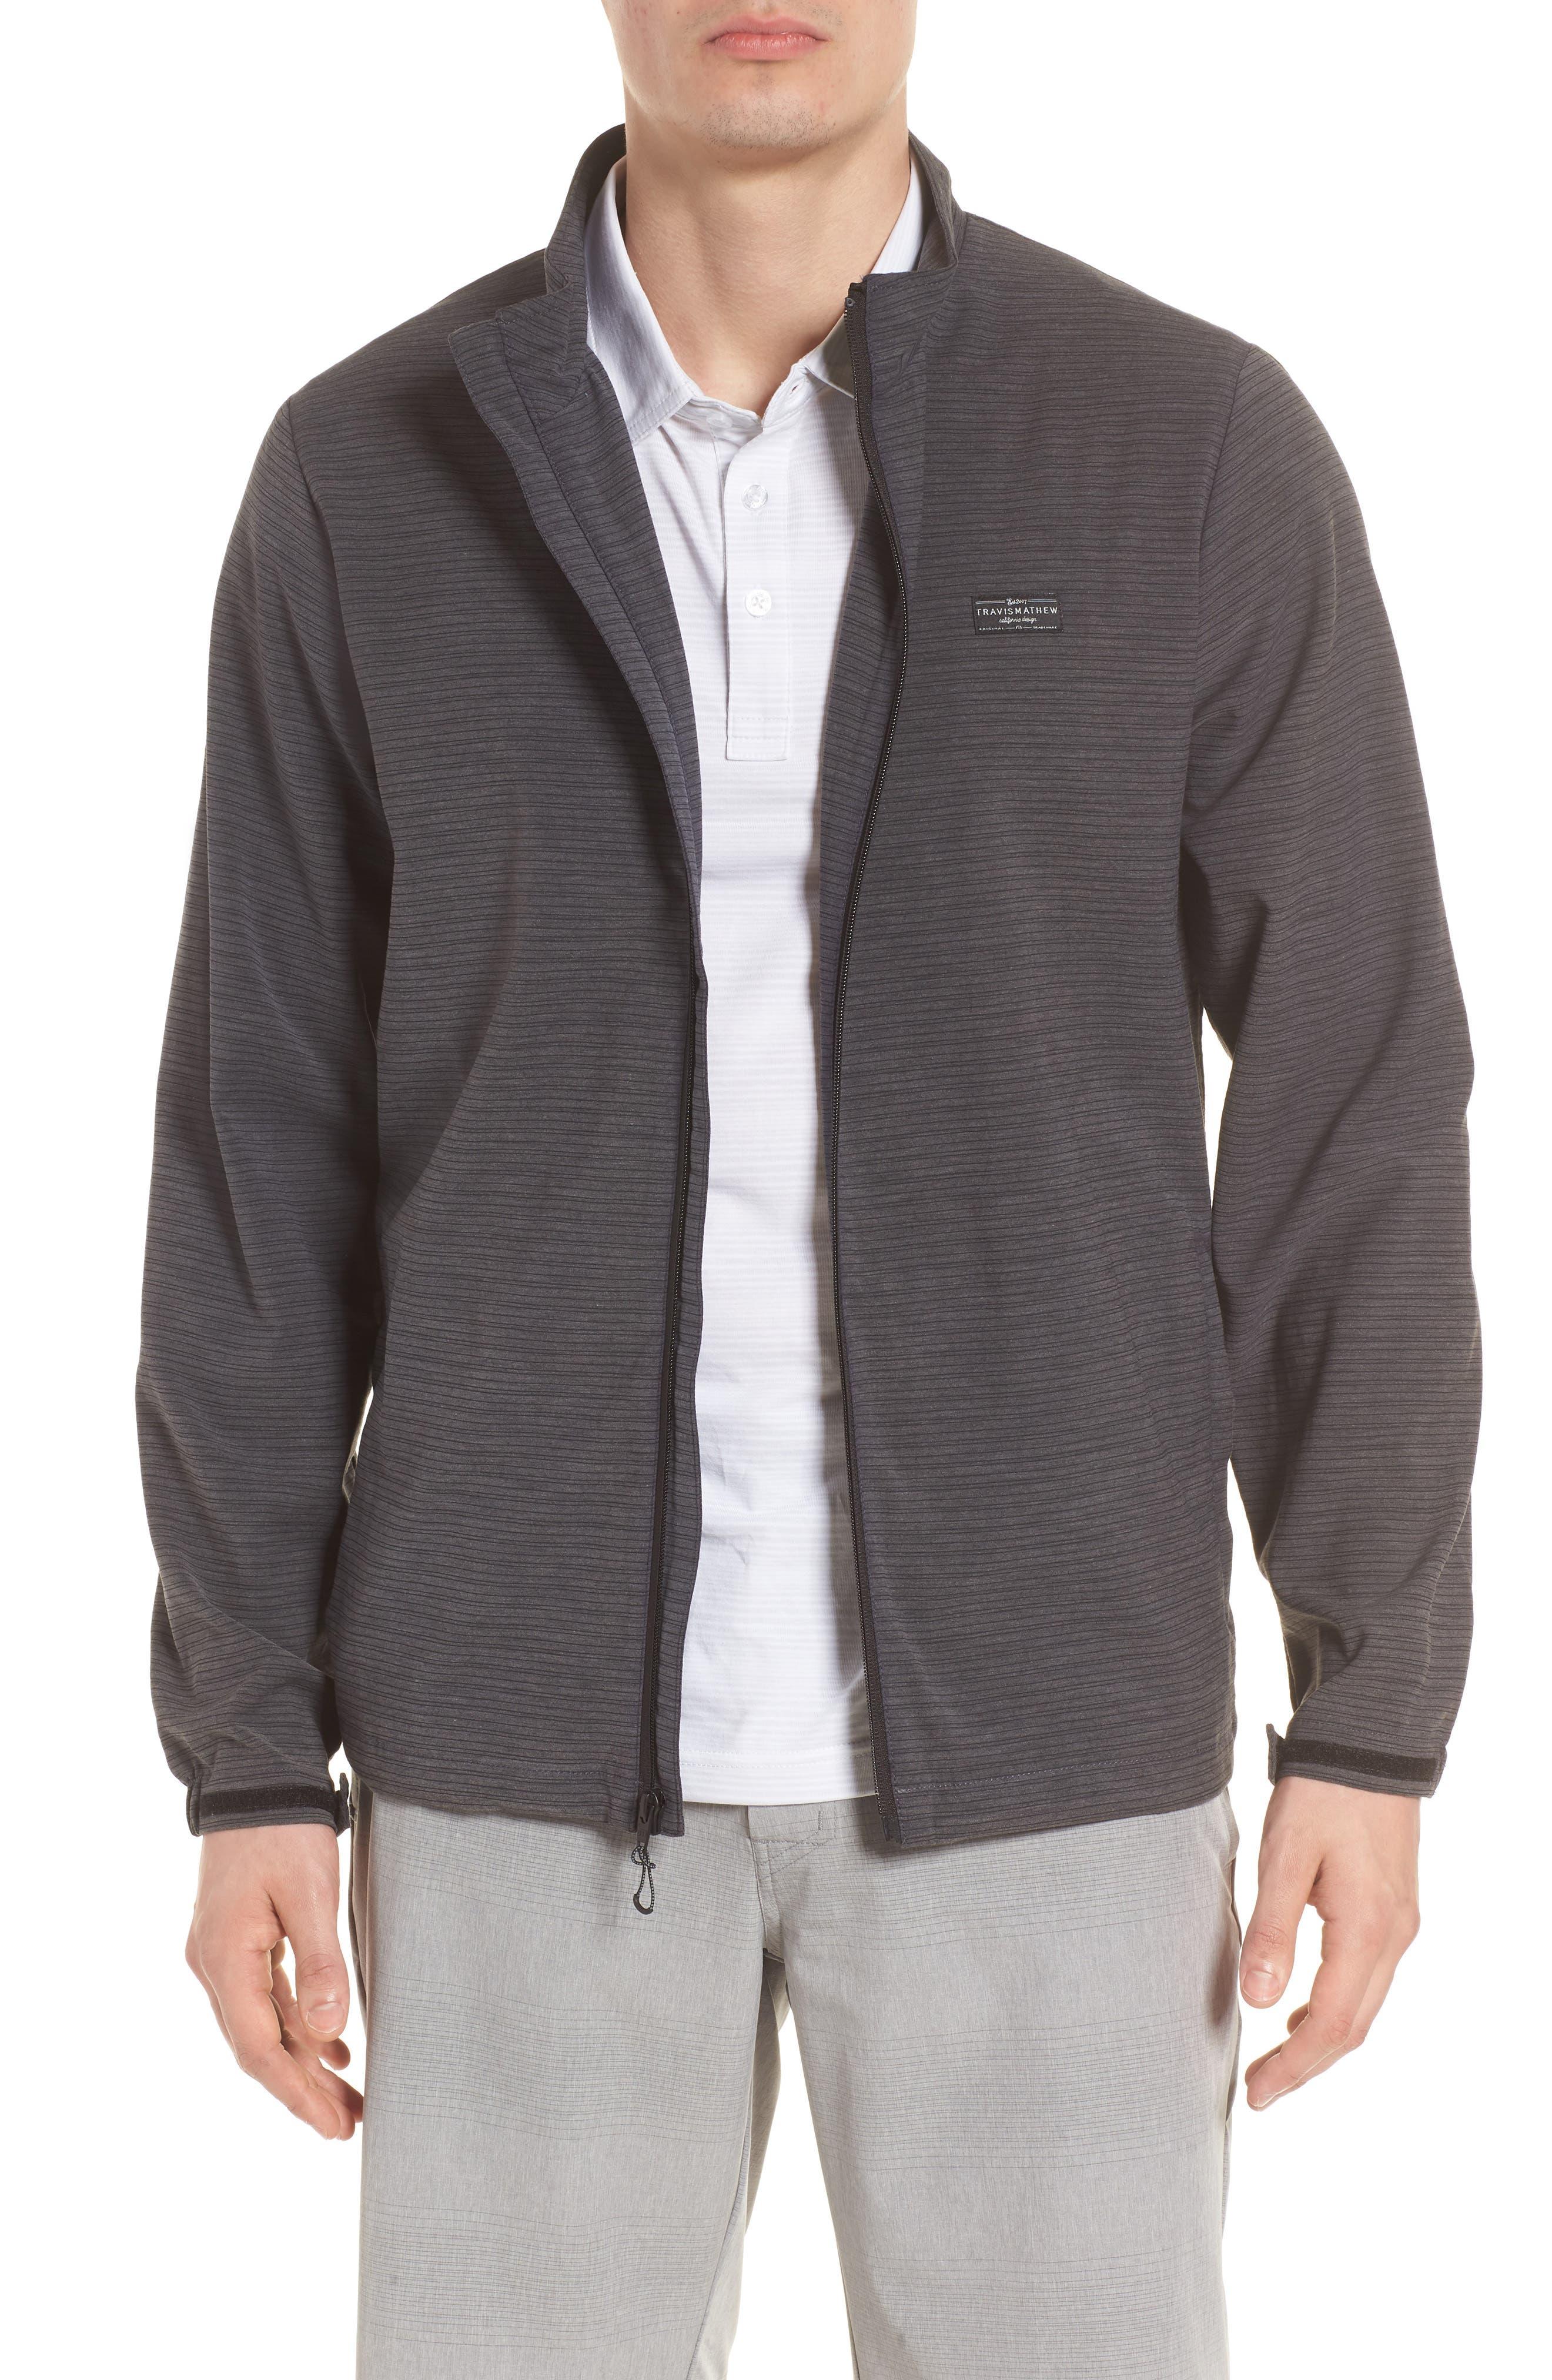 El Ganzo Zip Jacket,                         Main,                         color,